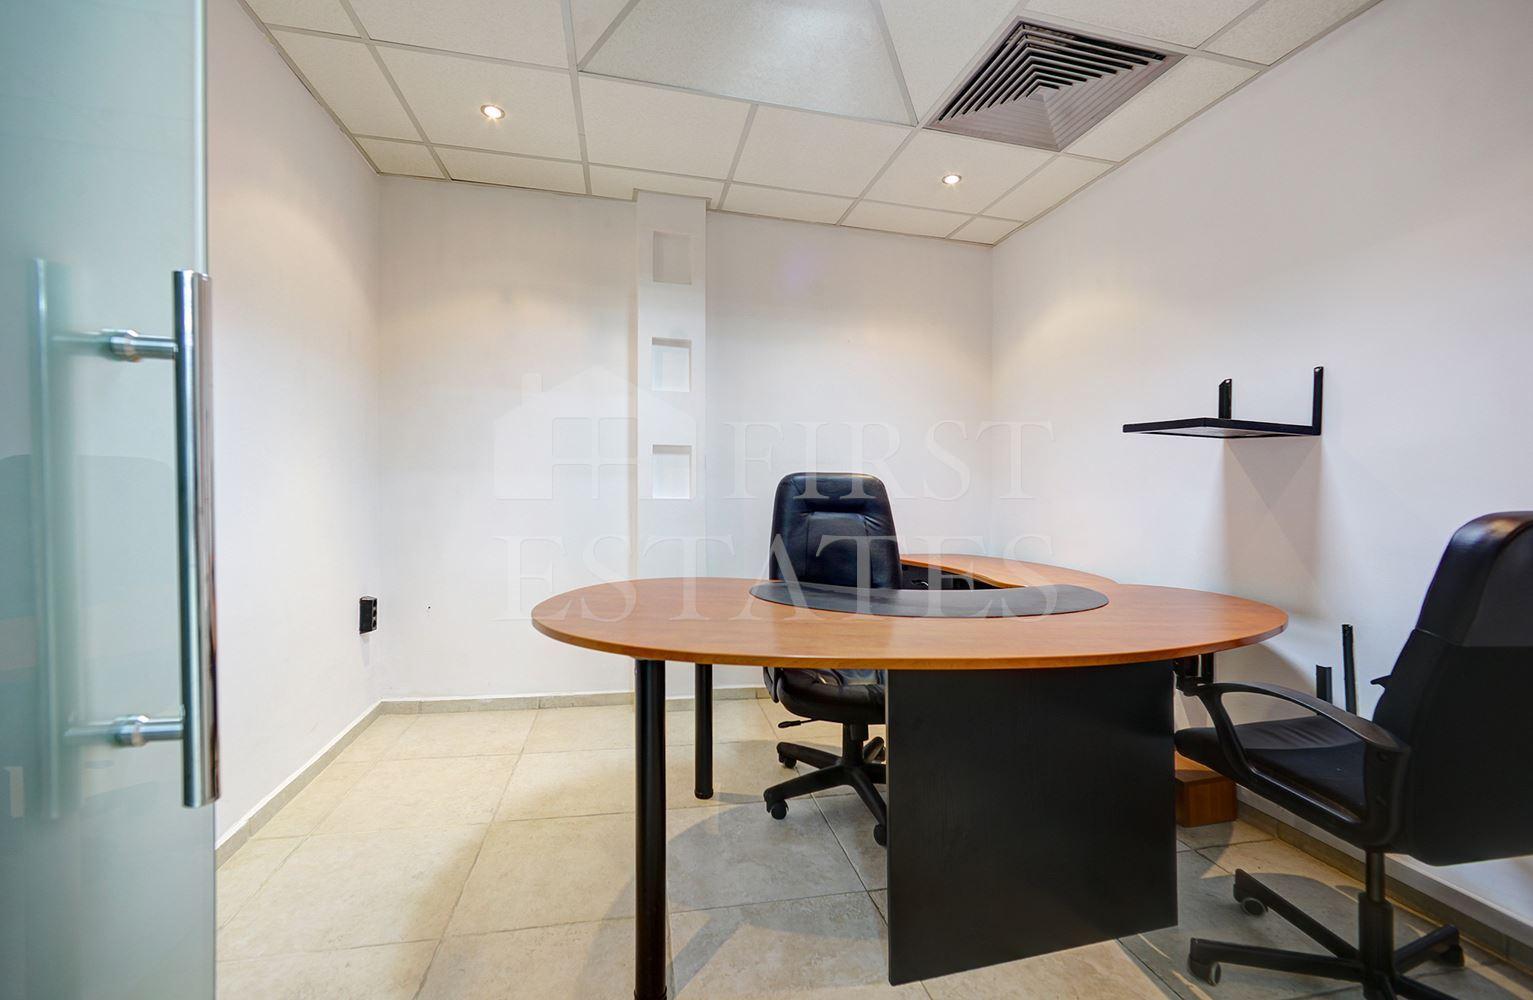 162 m² офис за продажба